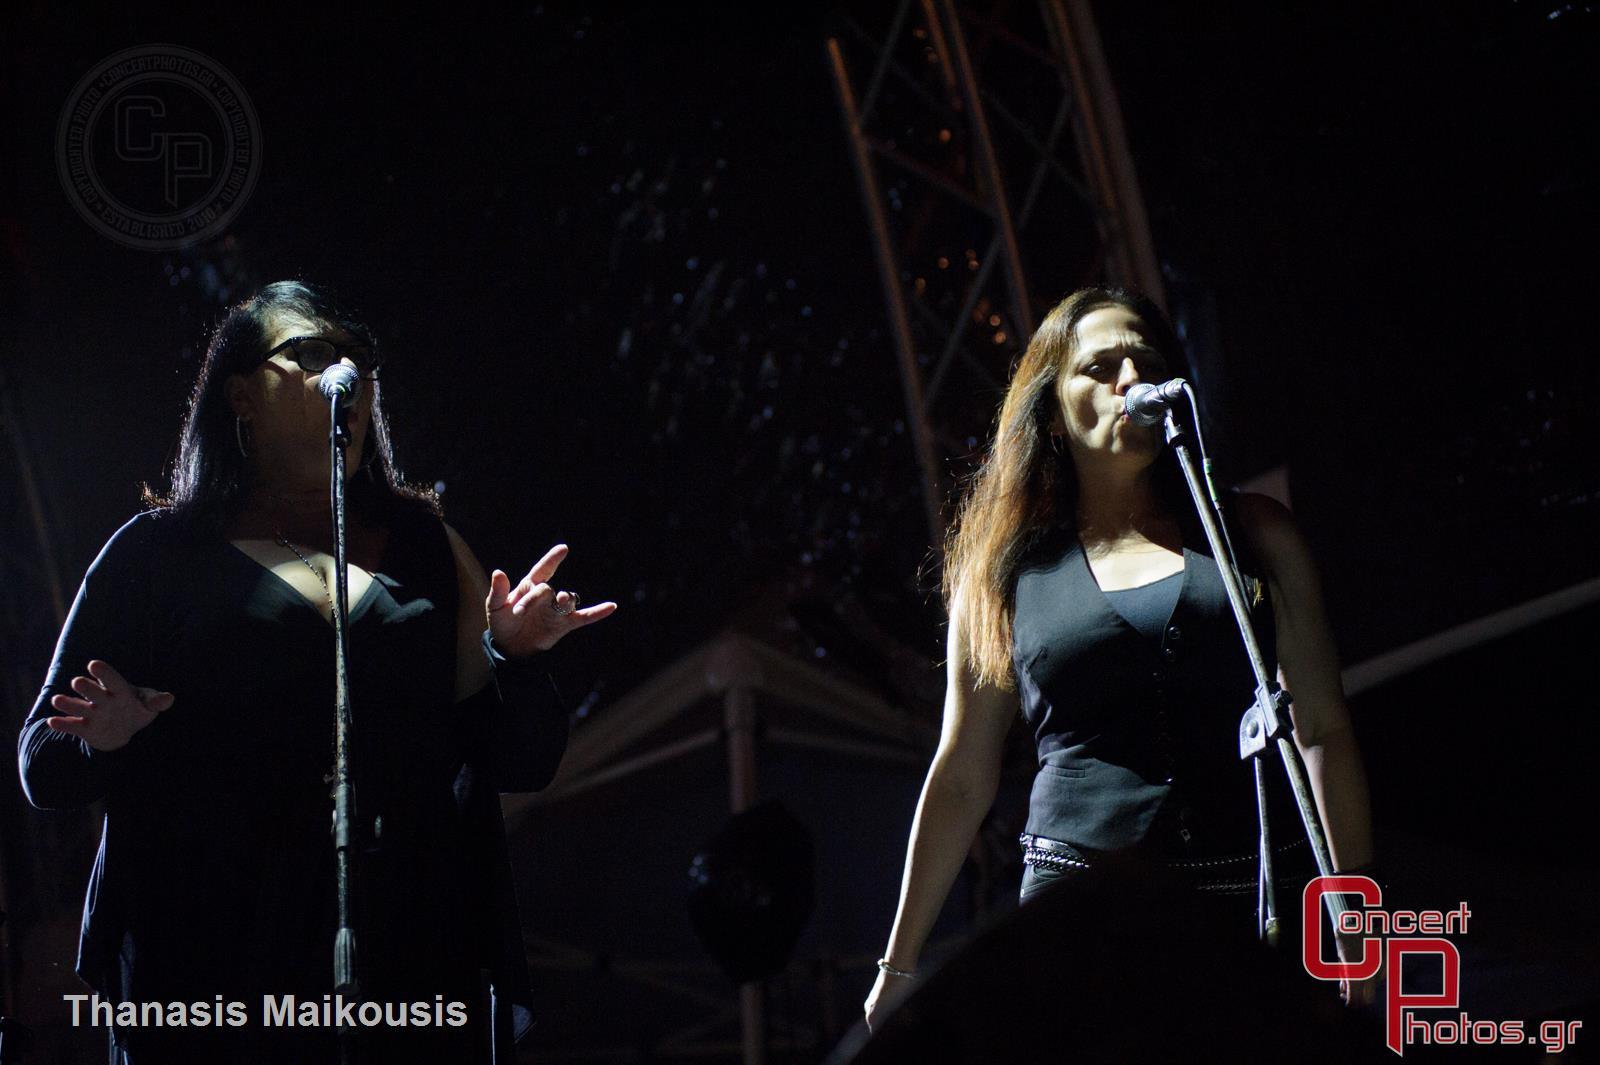 En Lefko 2014-En Lefko 2014 photographer: Thanasis Maikousis - concertphotos_20140621_23_08_34